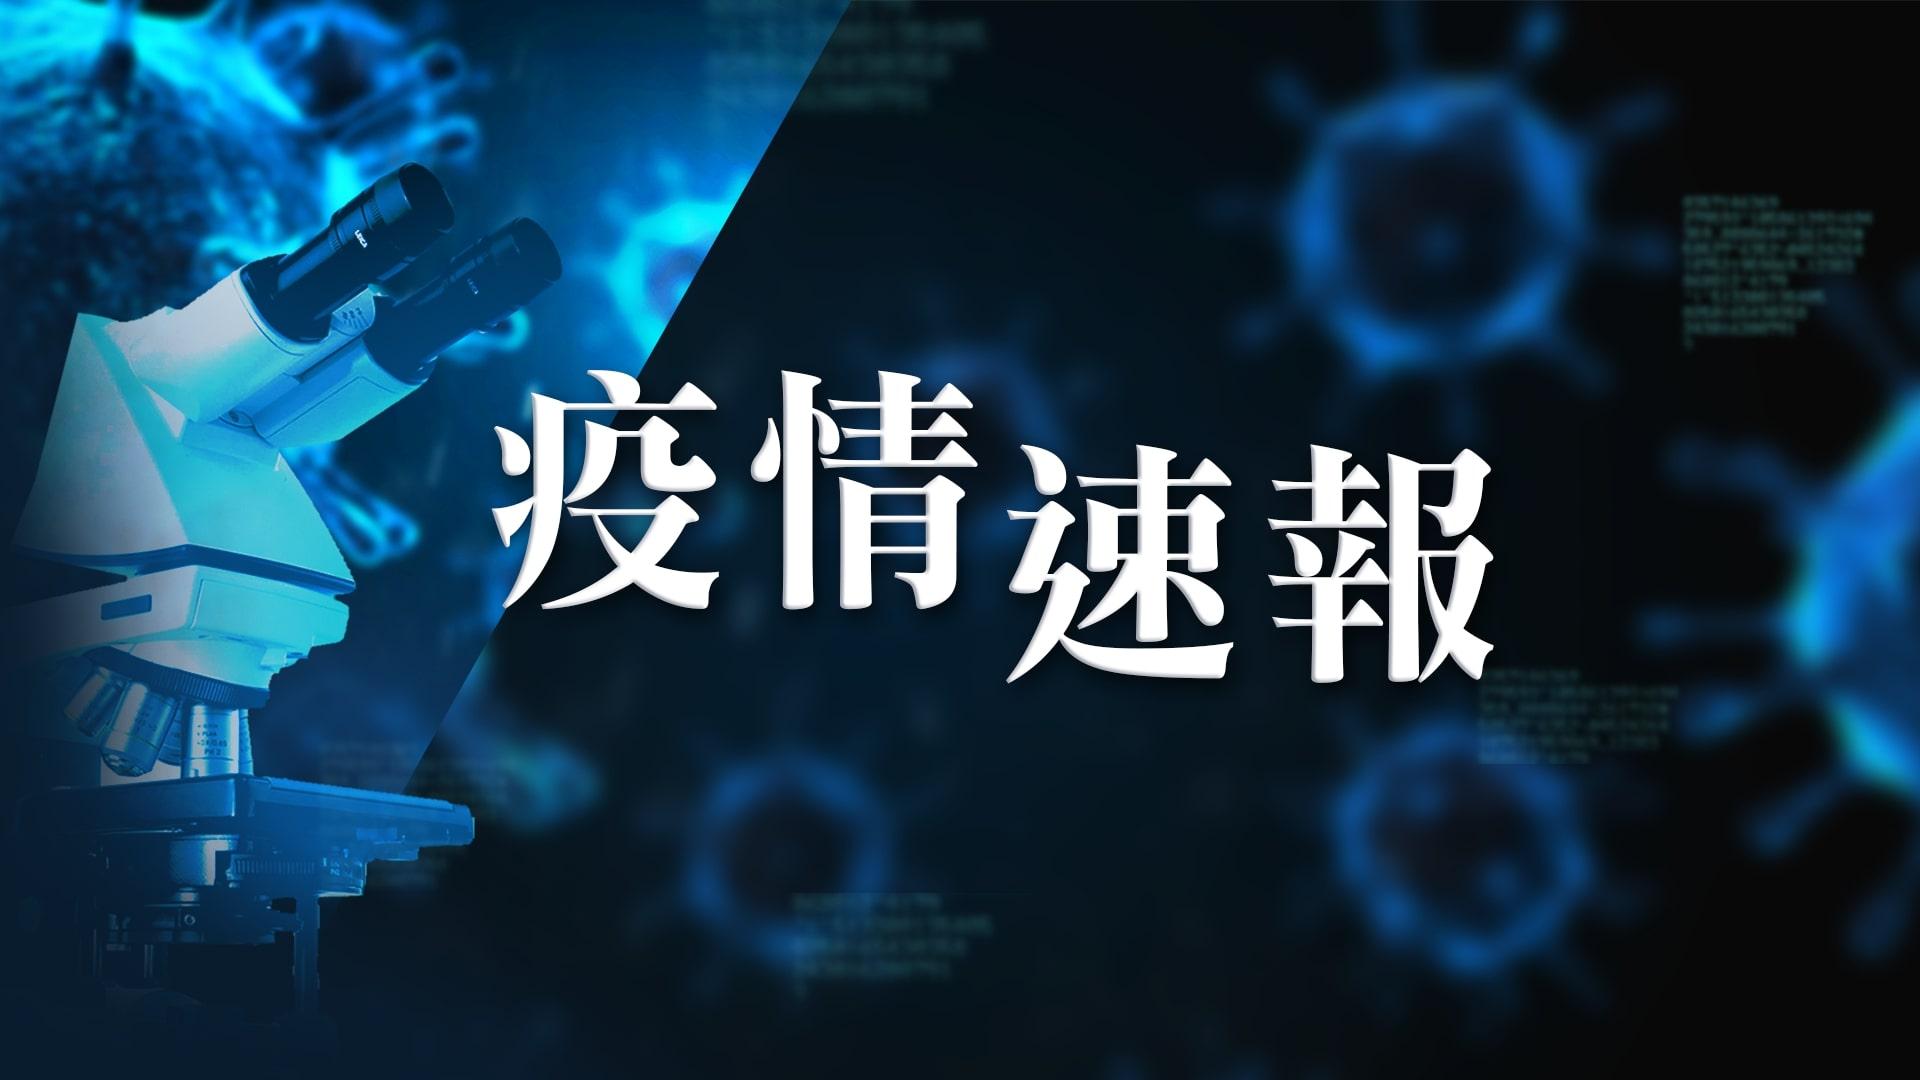 【7月31日疫情速報】(23:10)